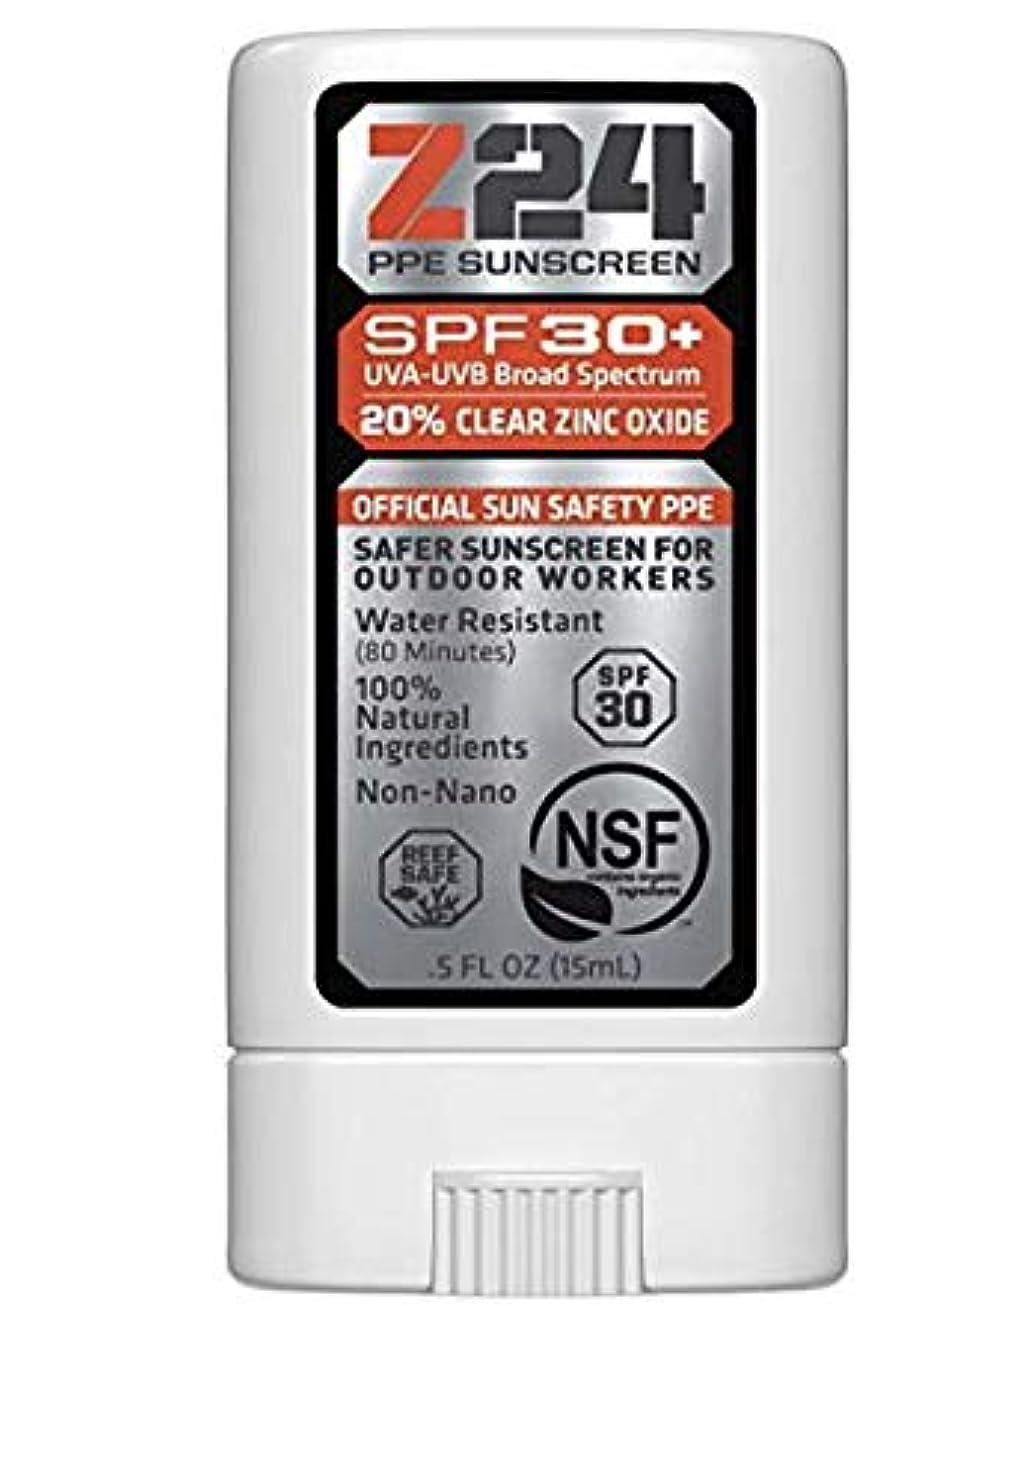 不良消化器とは異なりZ24 天然オーガニック酸化亜鉛日焼け止めスティック クルエルティフリー パラベンフリー リーフセーフ SPF 30 広スペクトル 防水 旅行サイズ 子供に安全 日焼け止め 屋外作業者用